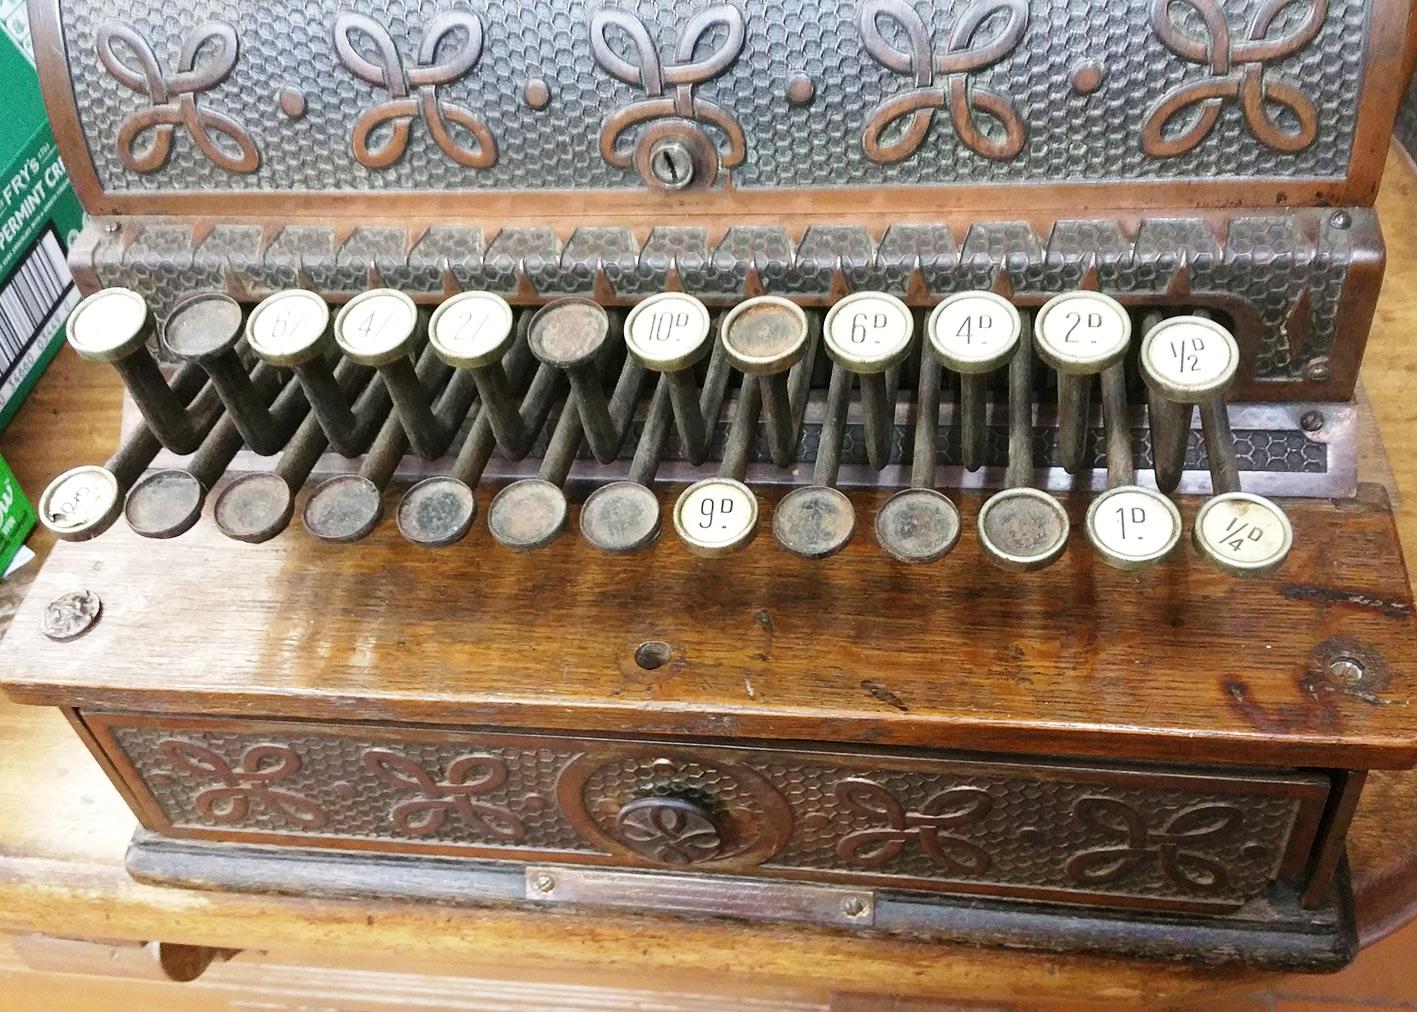 Keyboard on old cash register